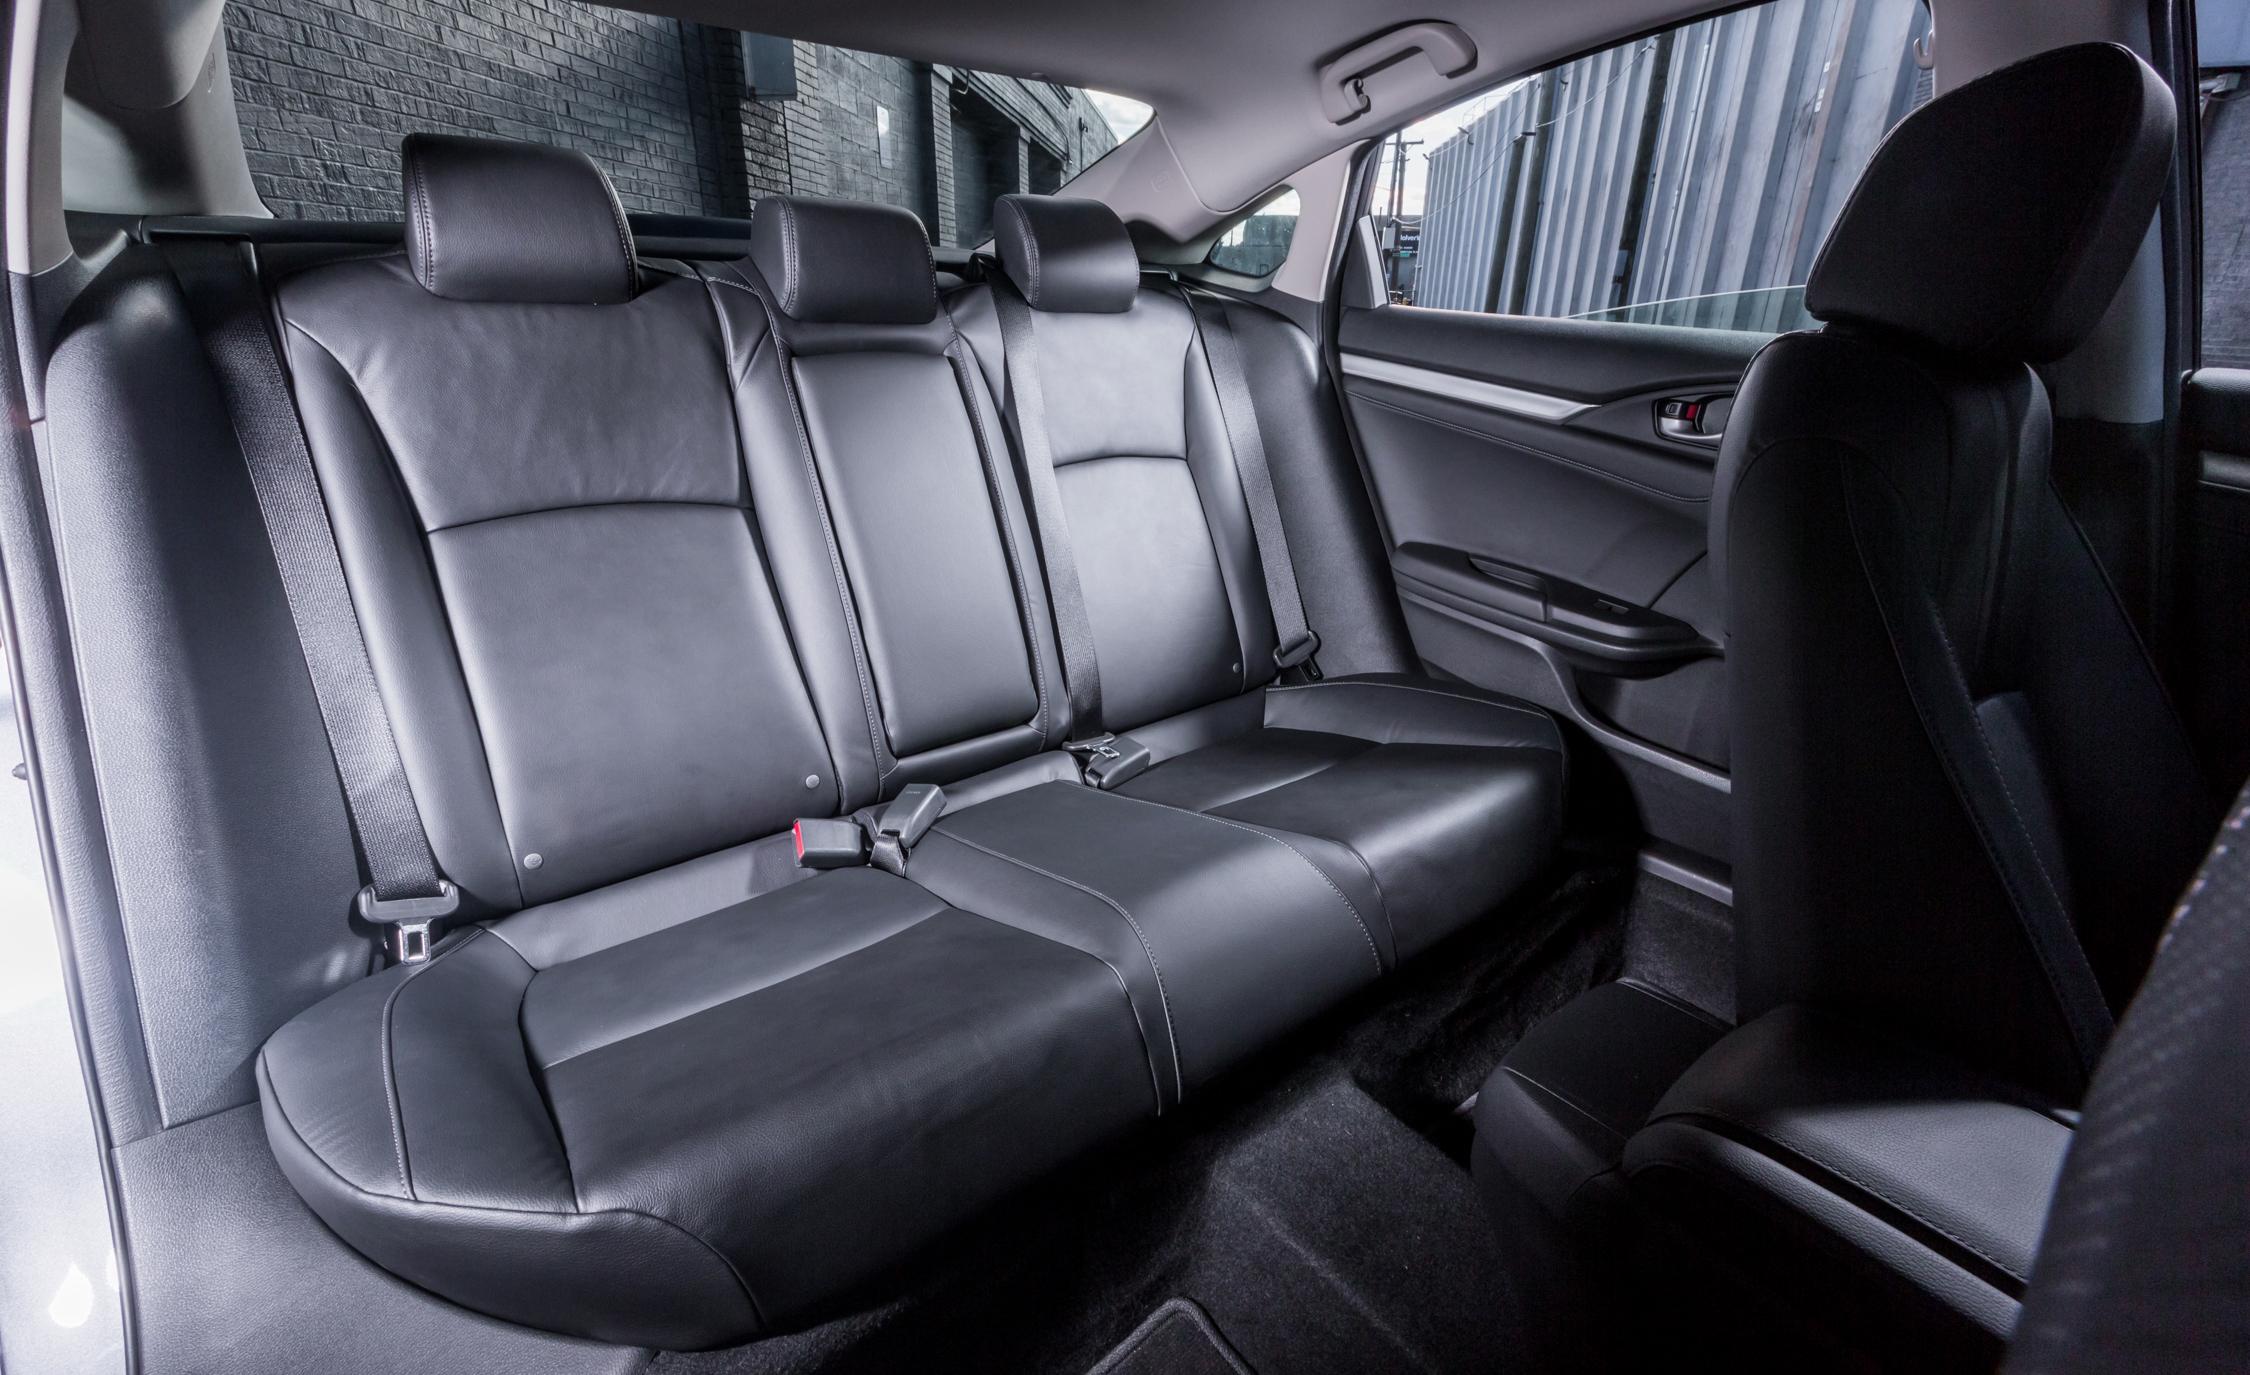 2016 Honda Civic Touring Interior Rear Seats